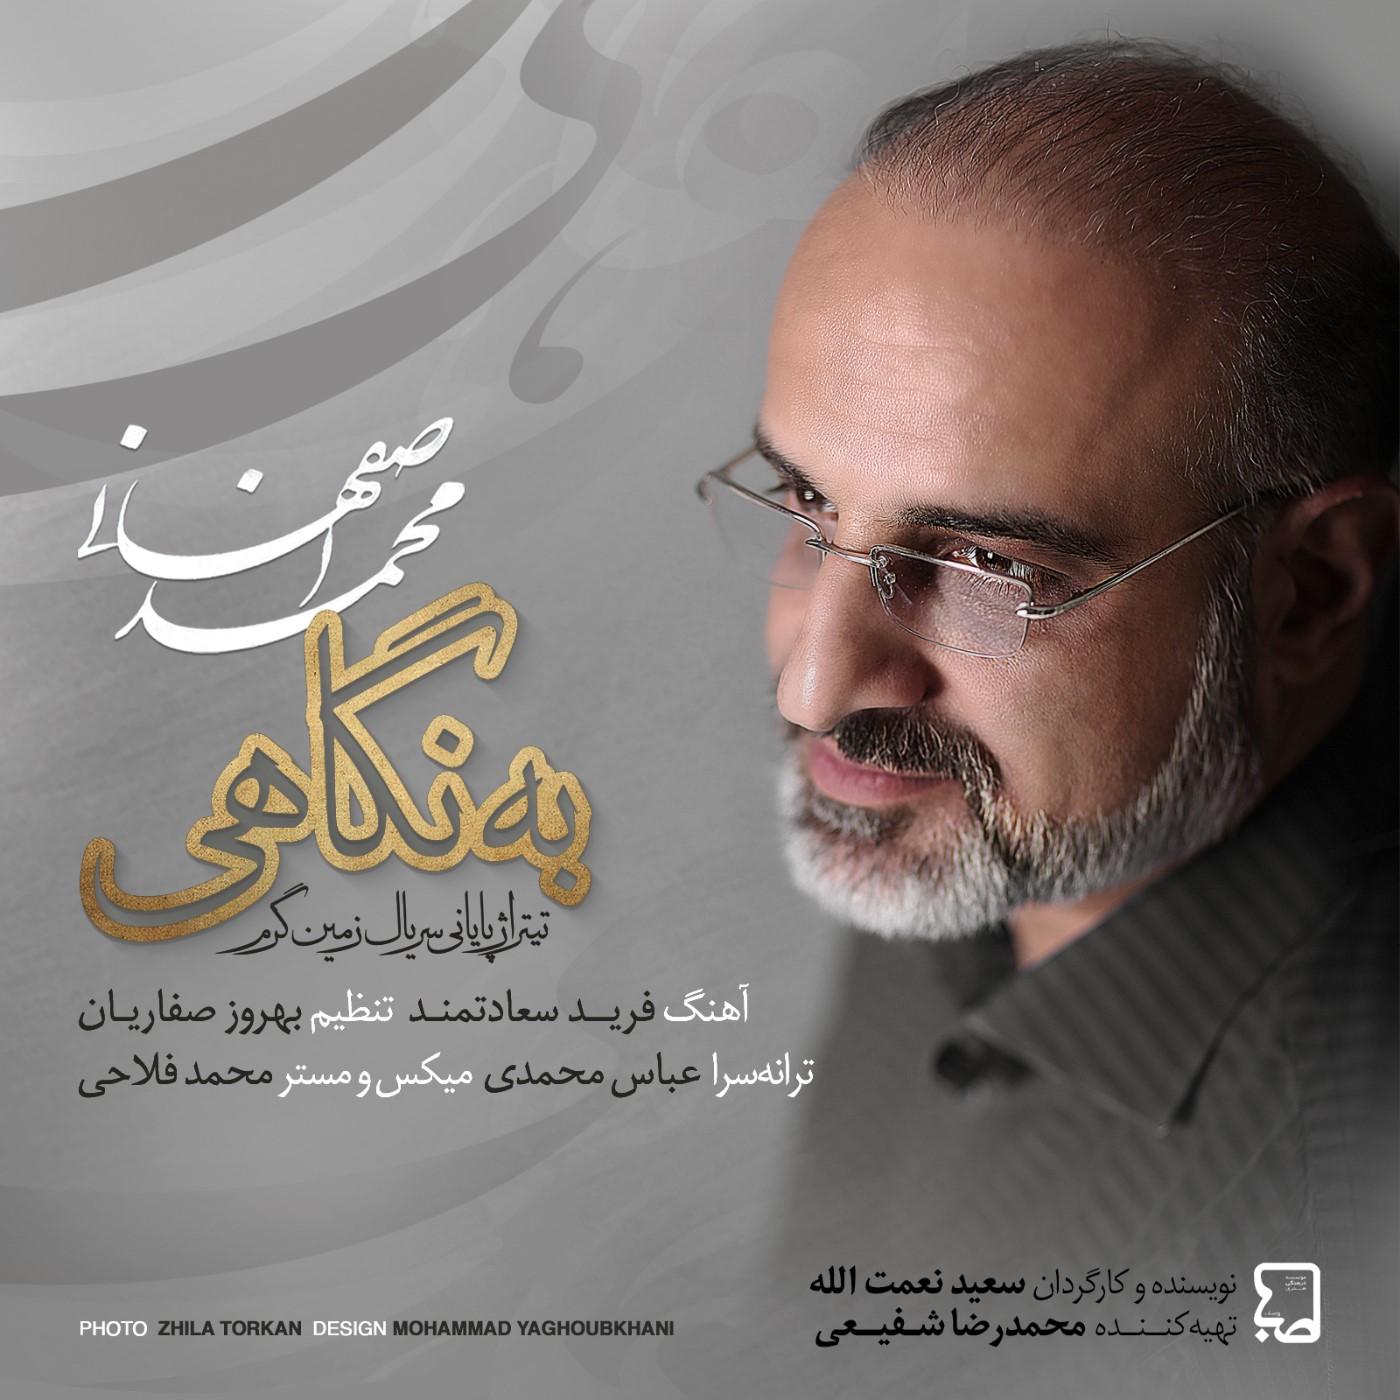 دانلود آهنگ جدید محمد اصفهانی بنام به نگاهی